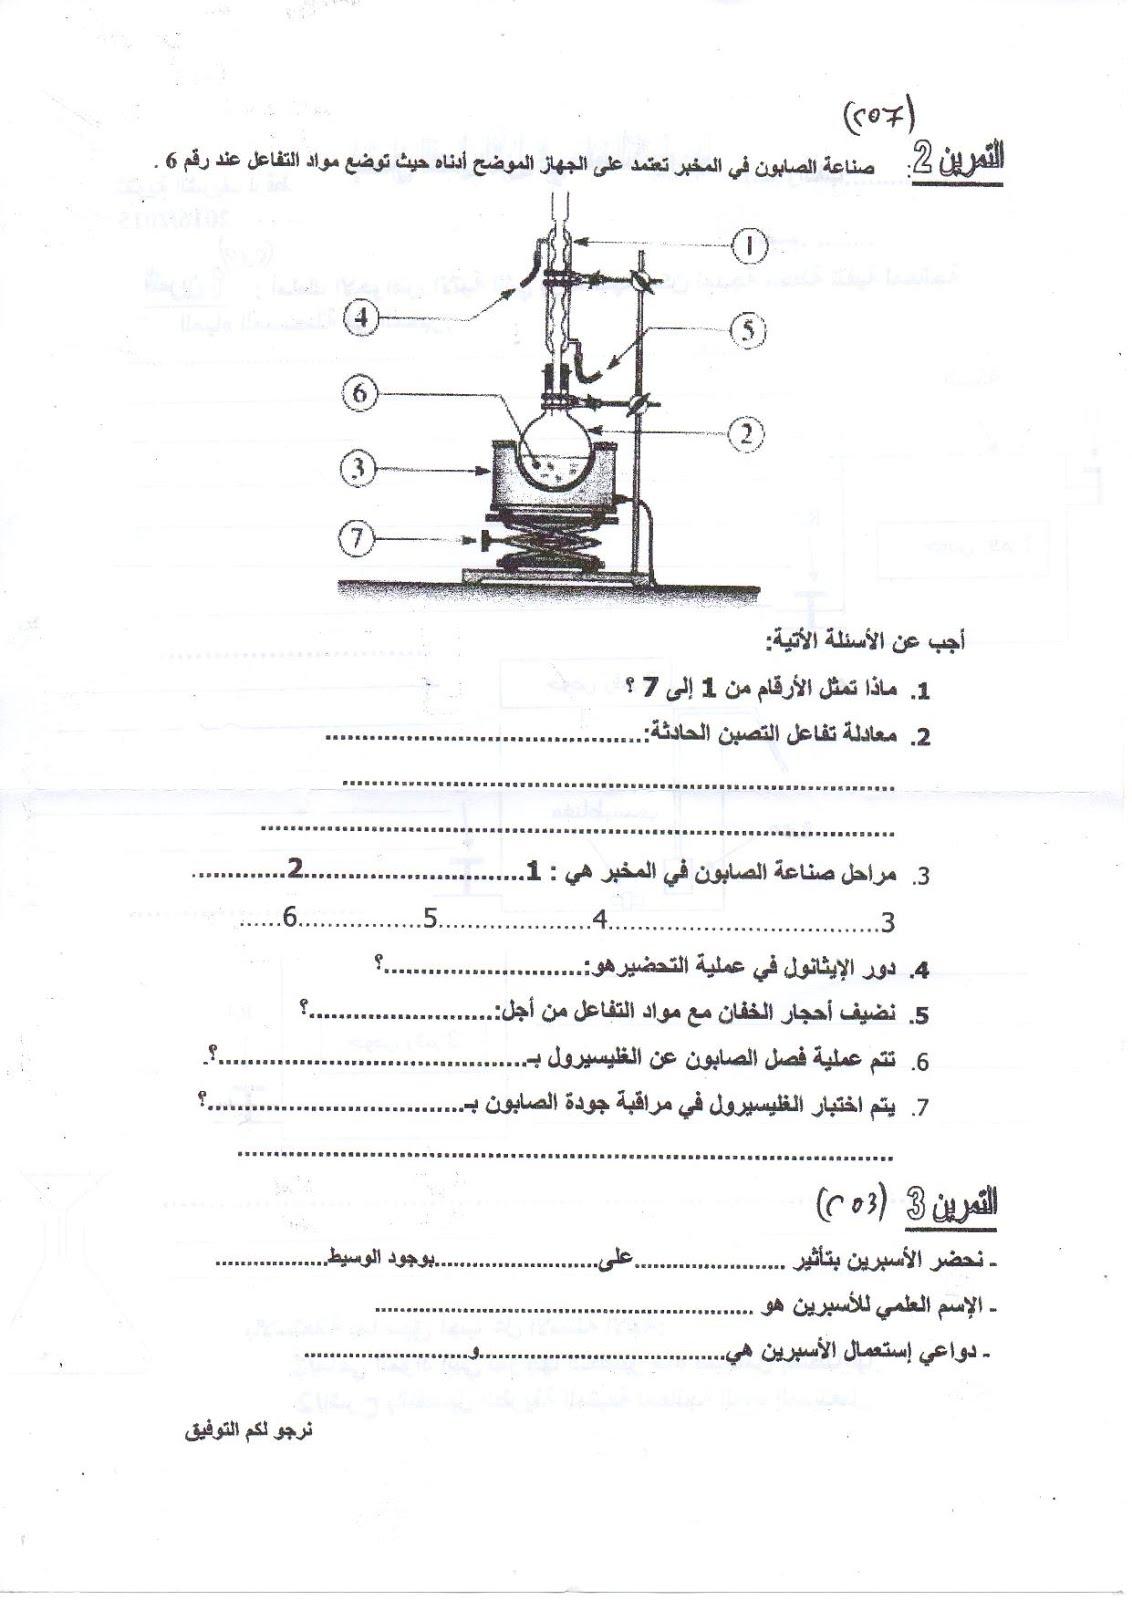 اختبارات مادة هندسة الطرائق للسنة اولى ثانوي